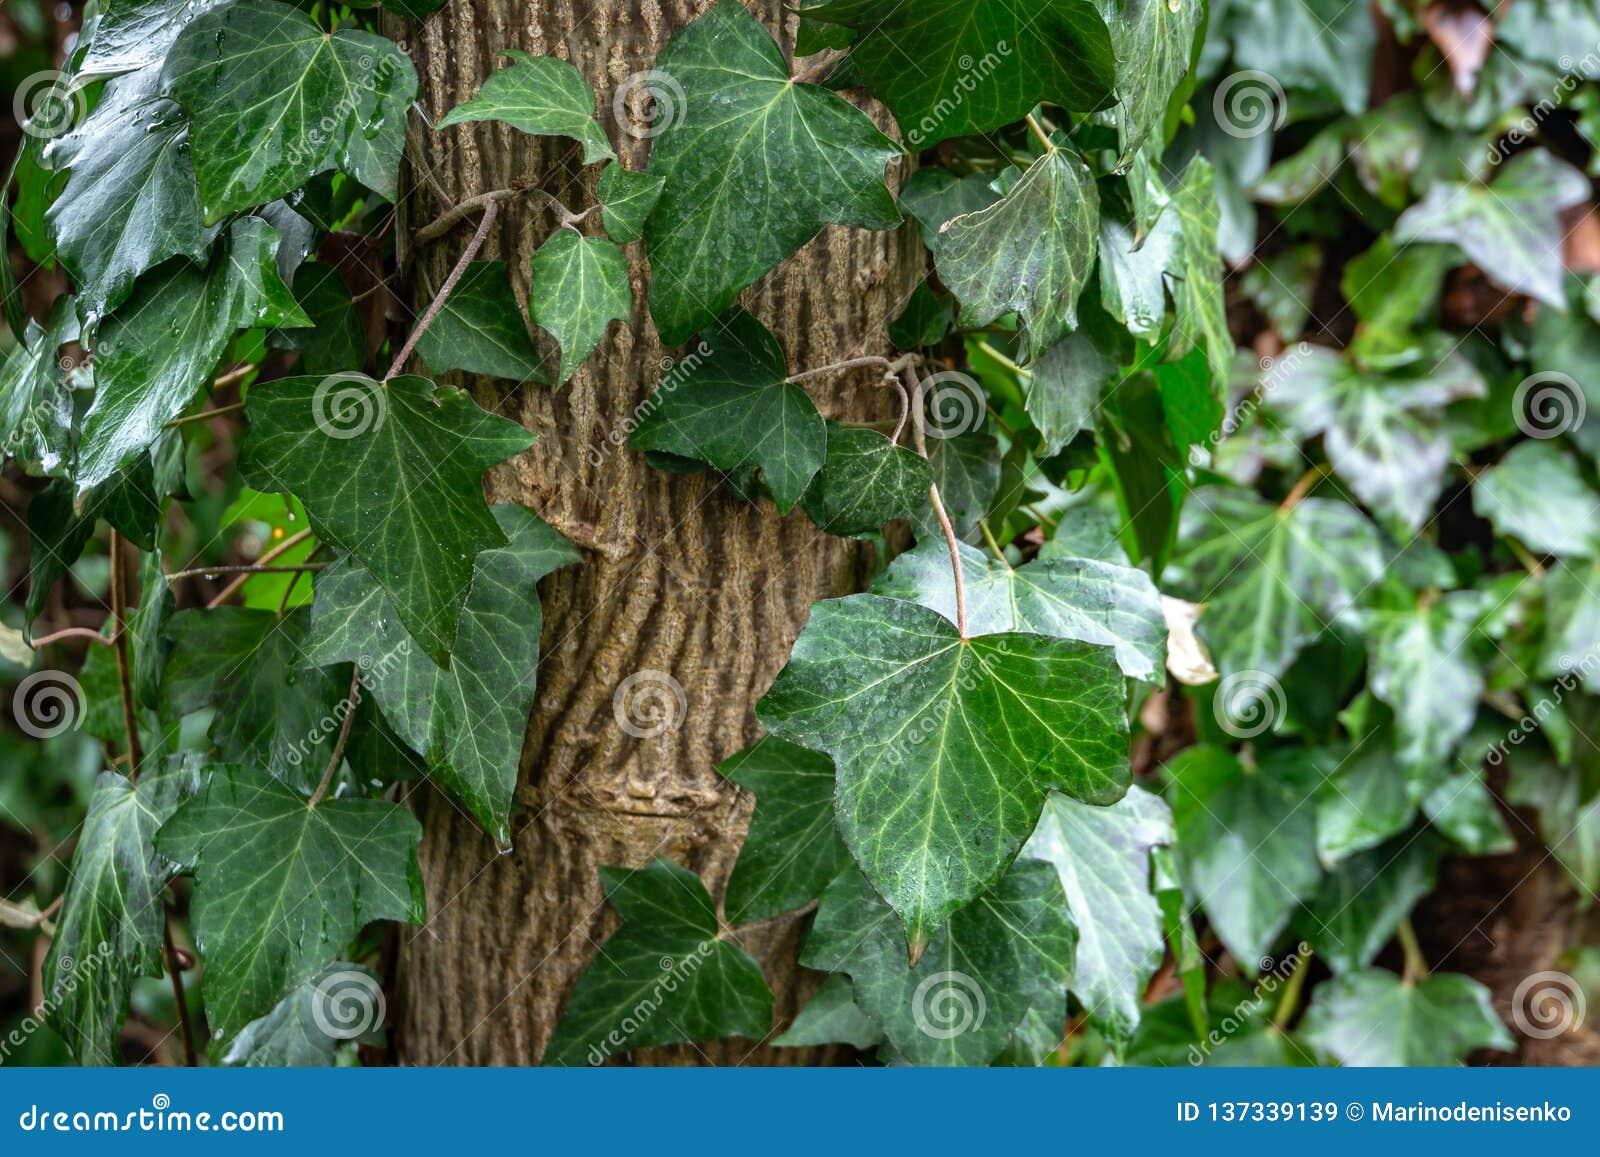 Nass grüne Blätter des gemeiner Efeu Hederahelixes oder europäischer Efeu, englischer Efeu, der herauf den Baum der weißen Walnus